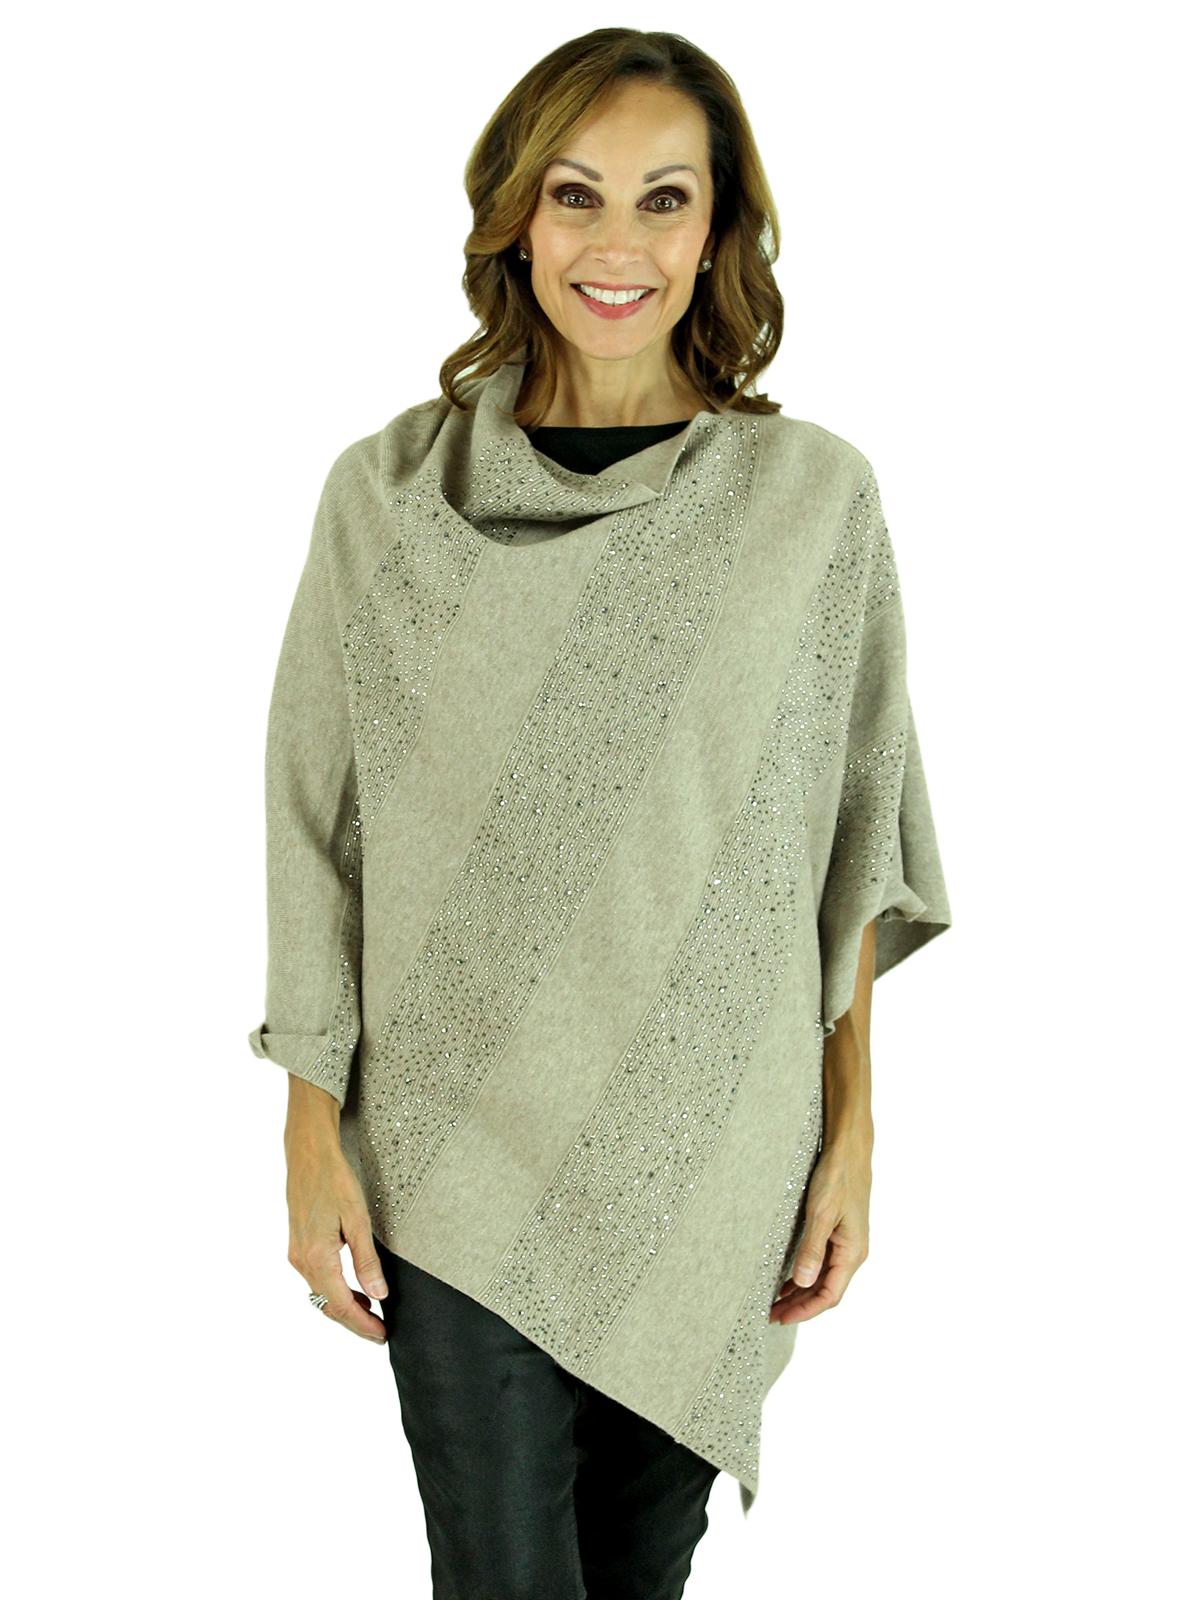 Woman's Oatmeal Beige Knit Fashion Poncho